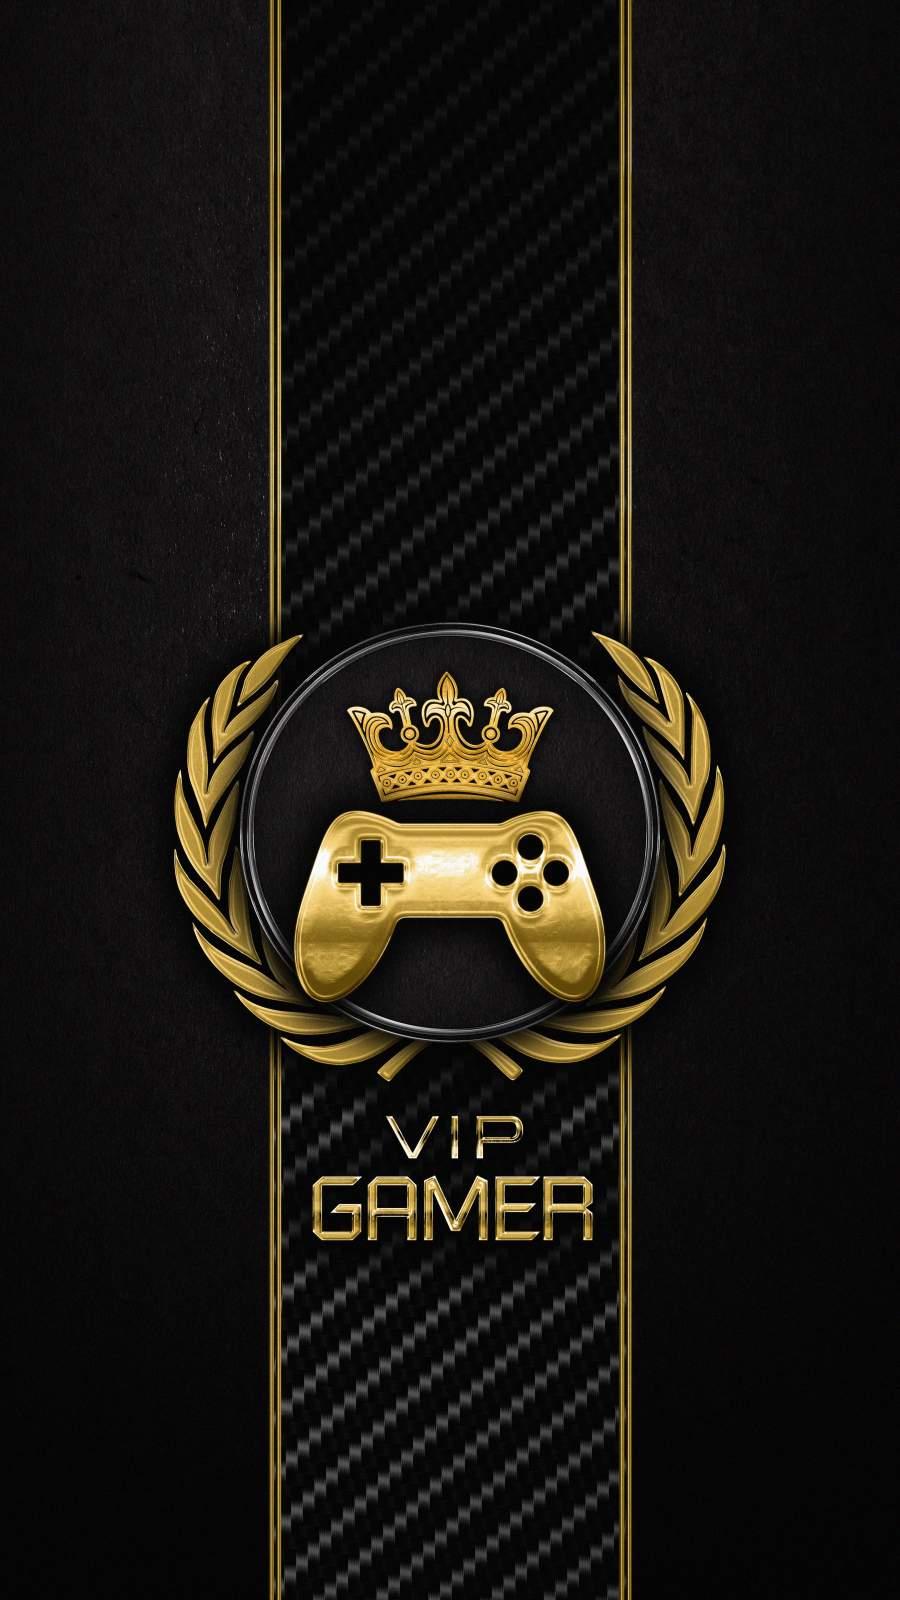 VIP Gamer iPhone Wallpaper